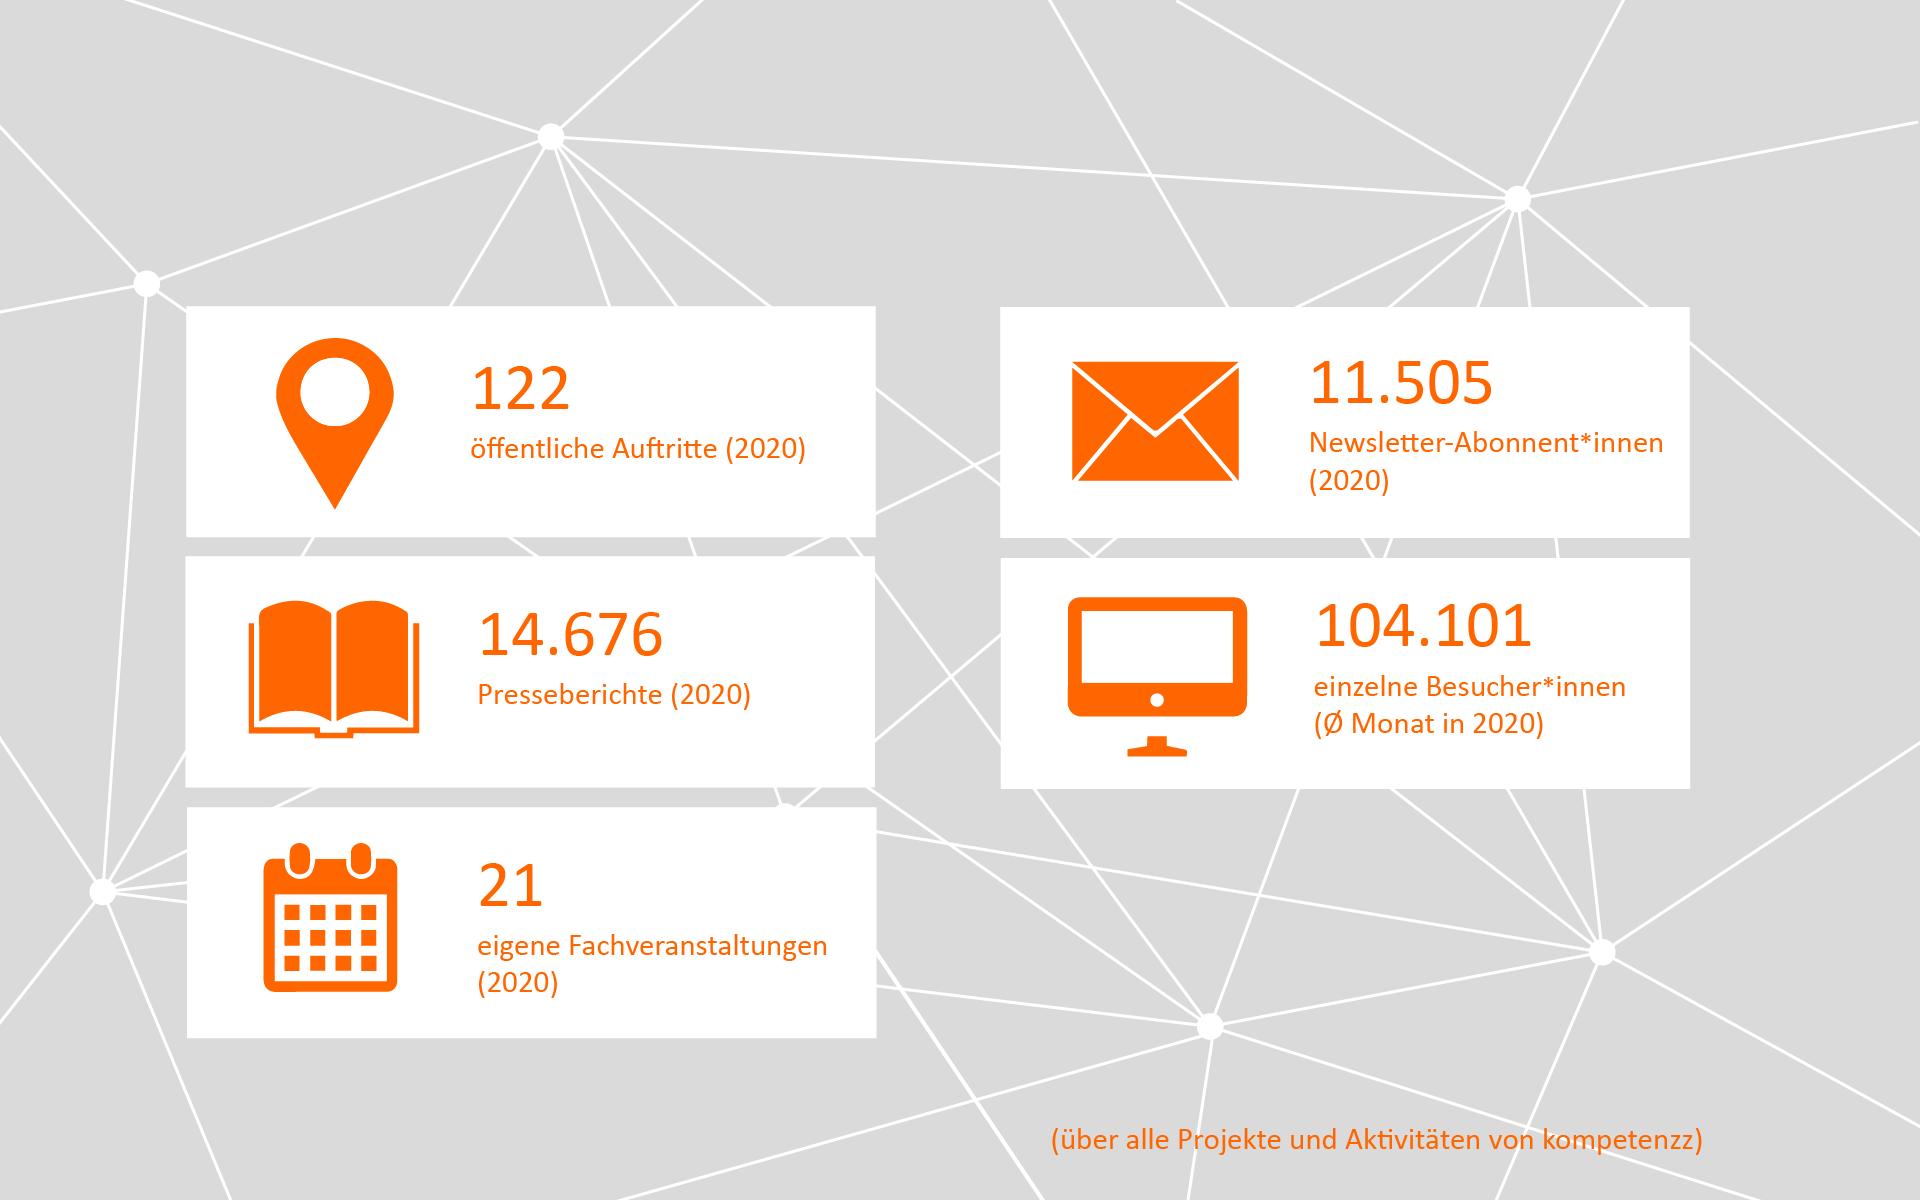 Zahlen von kompetenzz zu öffentlichen Auftritten, Presseberichten und Websiteaufrufen 2020